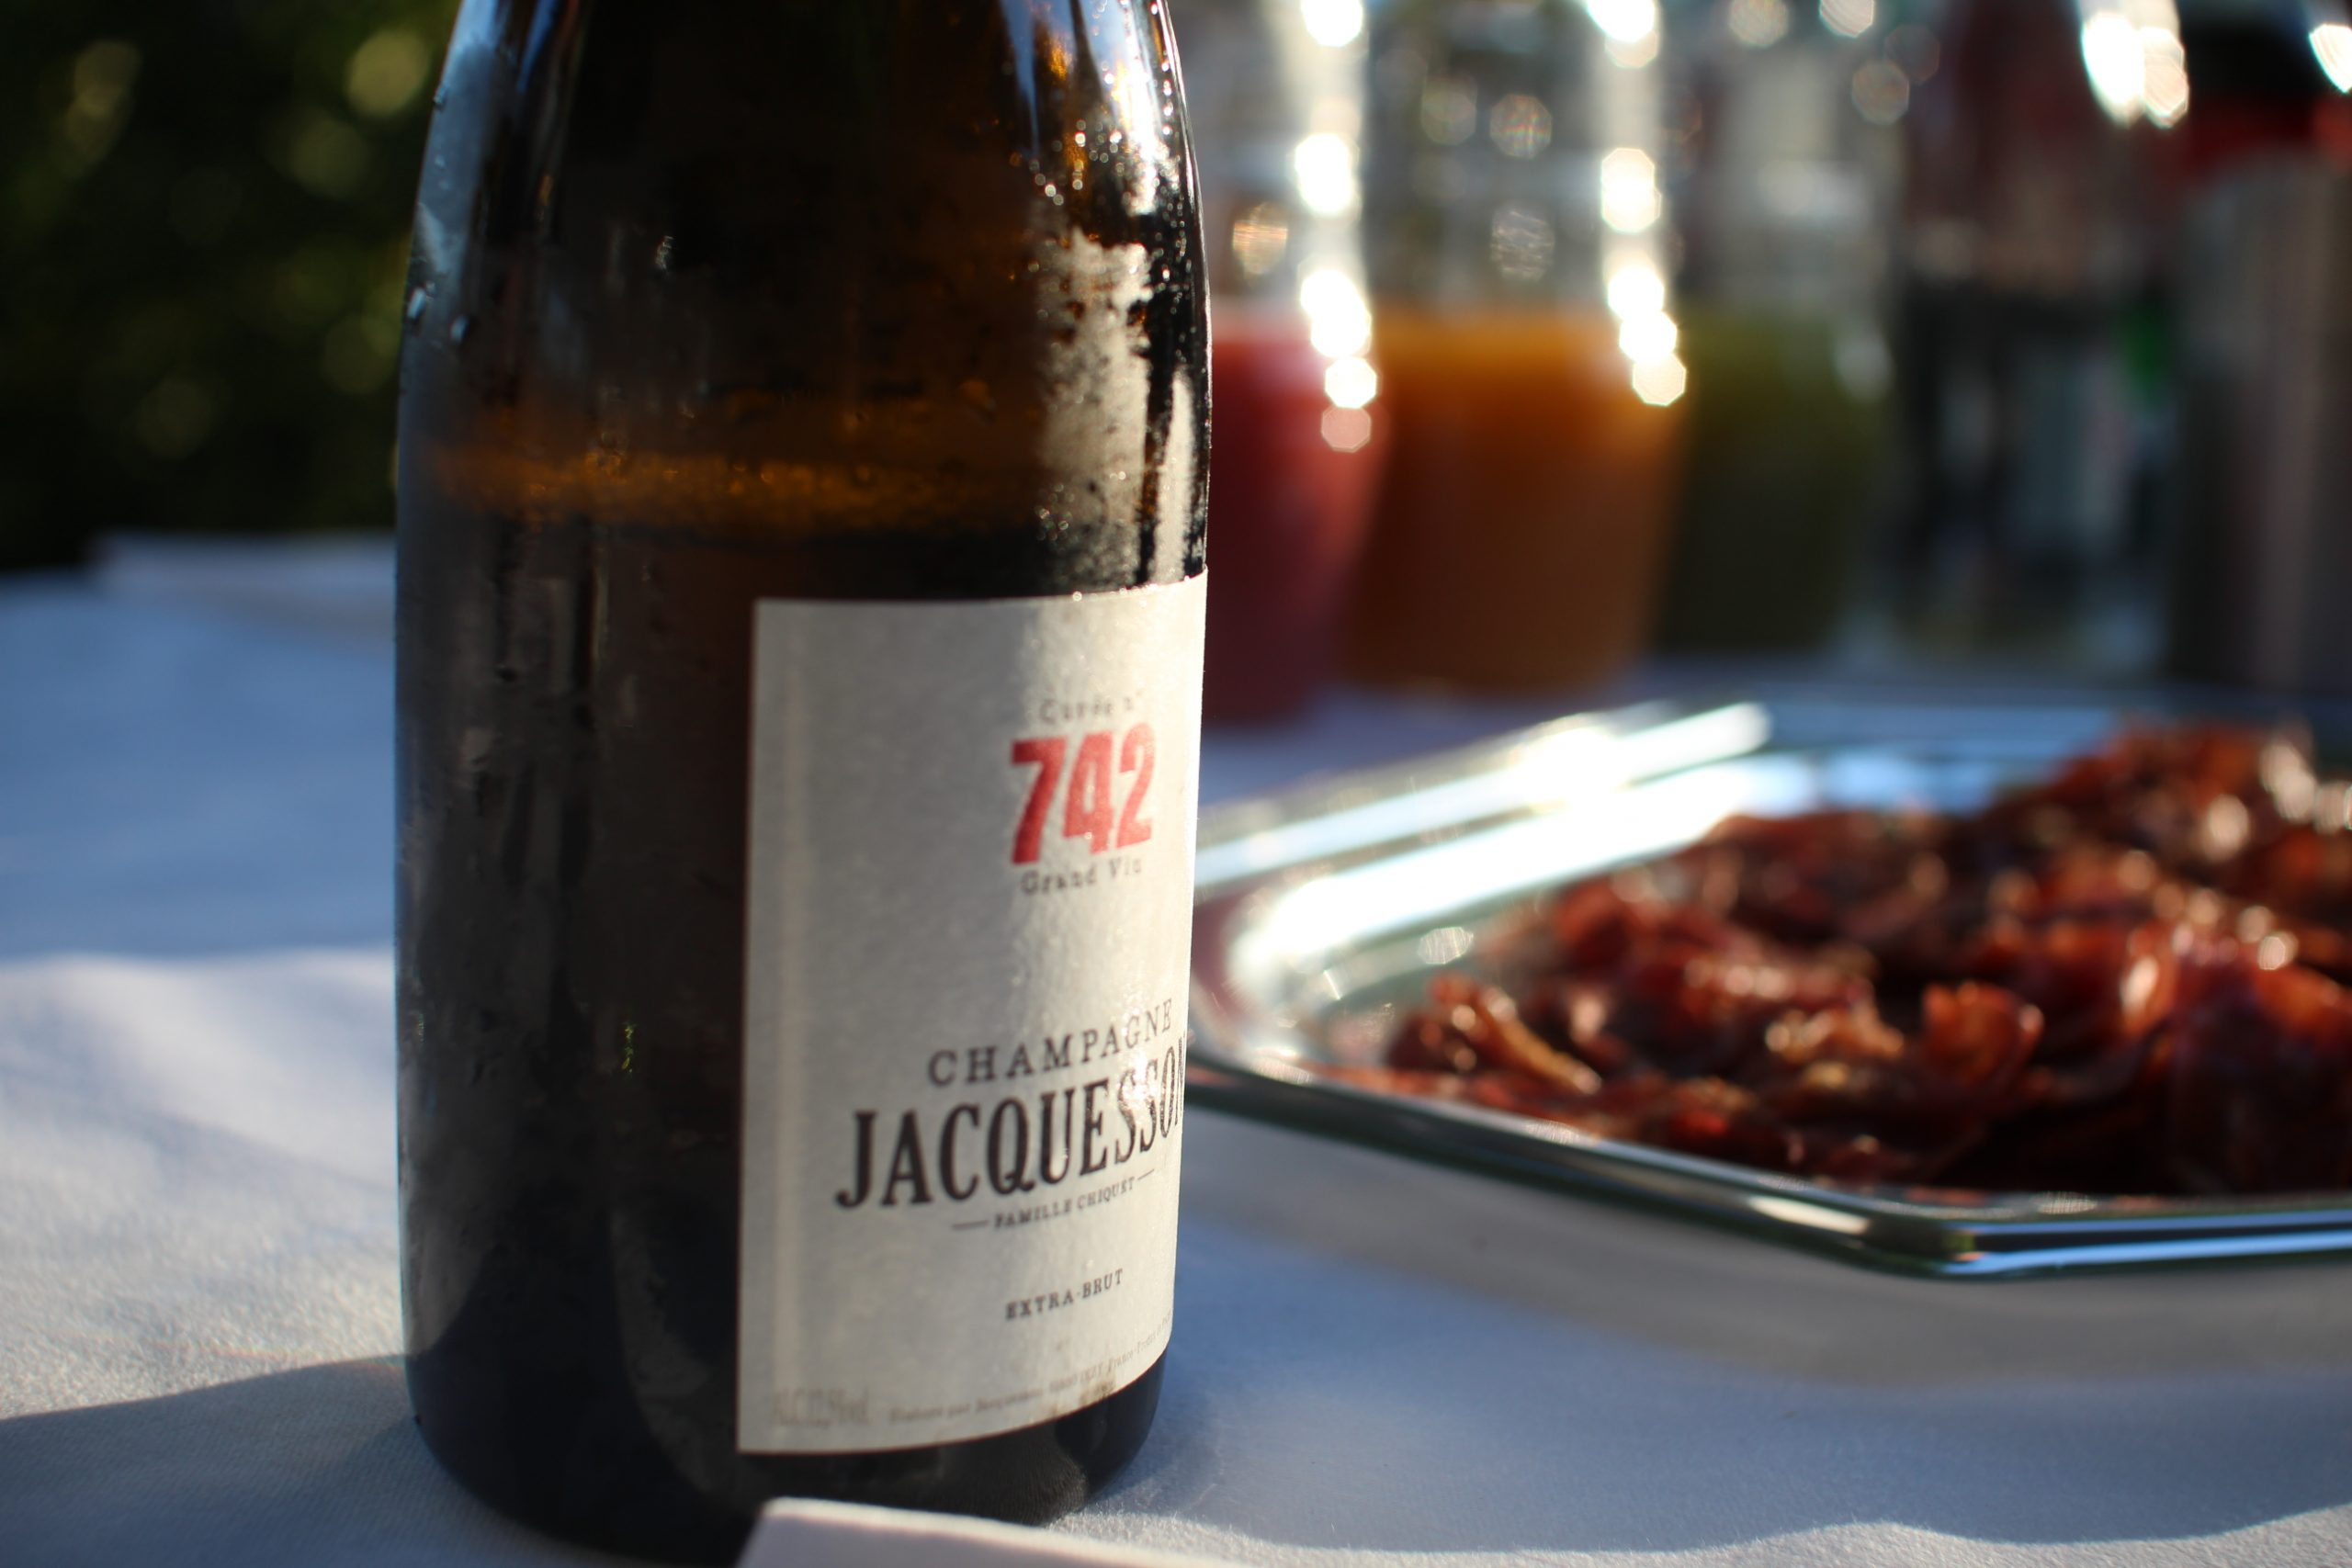 Jacquesson 742 et cecina